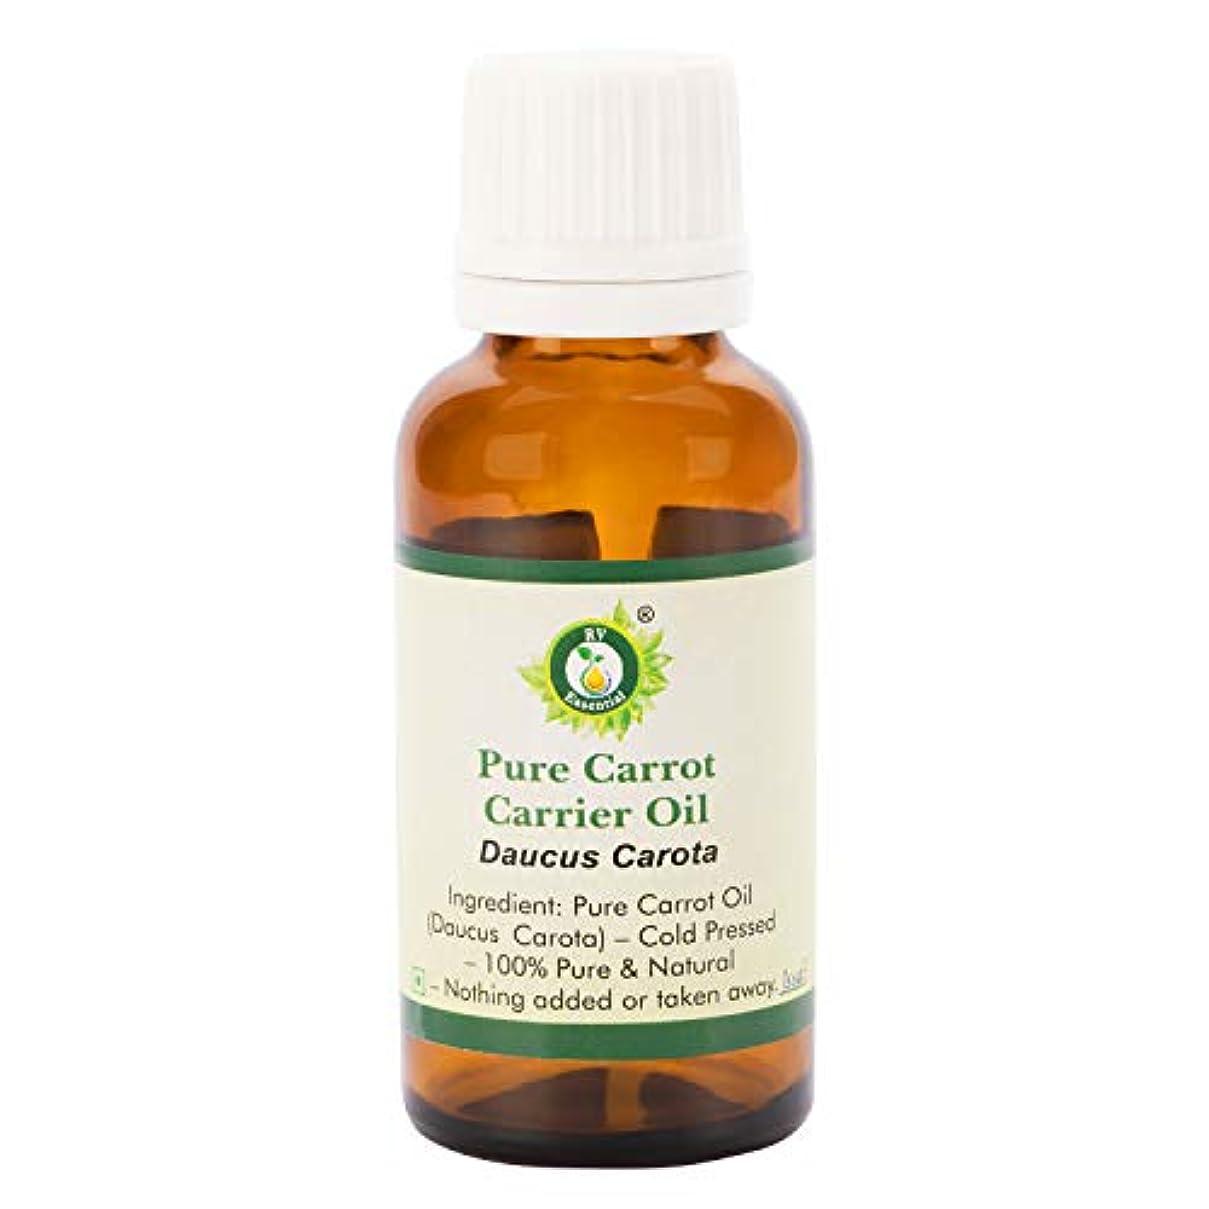 最初にがっかりする鬼ごっこピュアキャロットキャリアオイル100ml (3.38oz)- Daucus Carota (100%ピュア&ナチュラルコールドPressed) Pure Carrot Carrier Oil